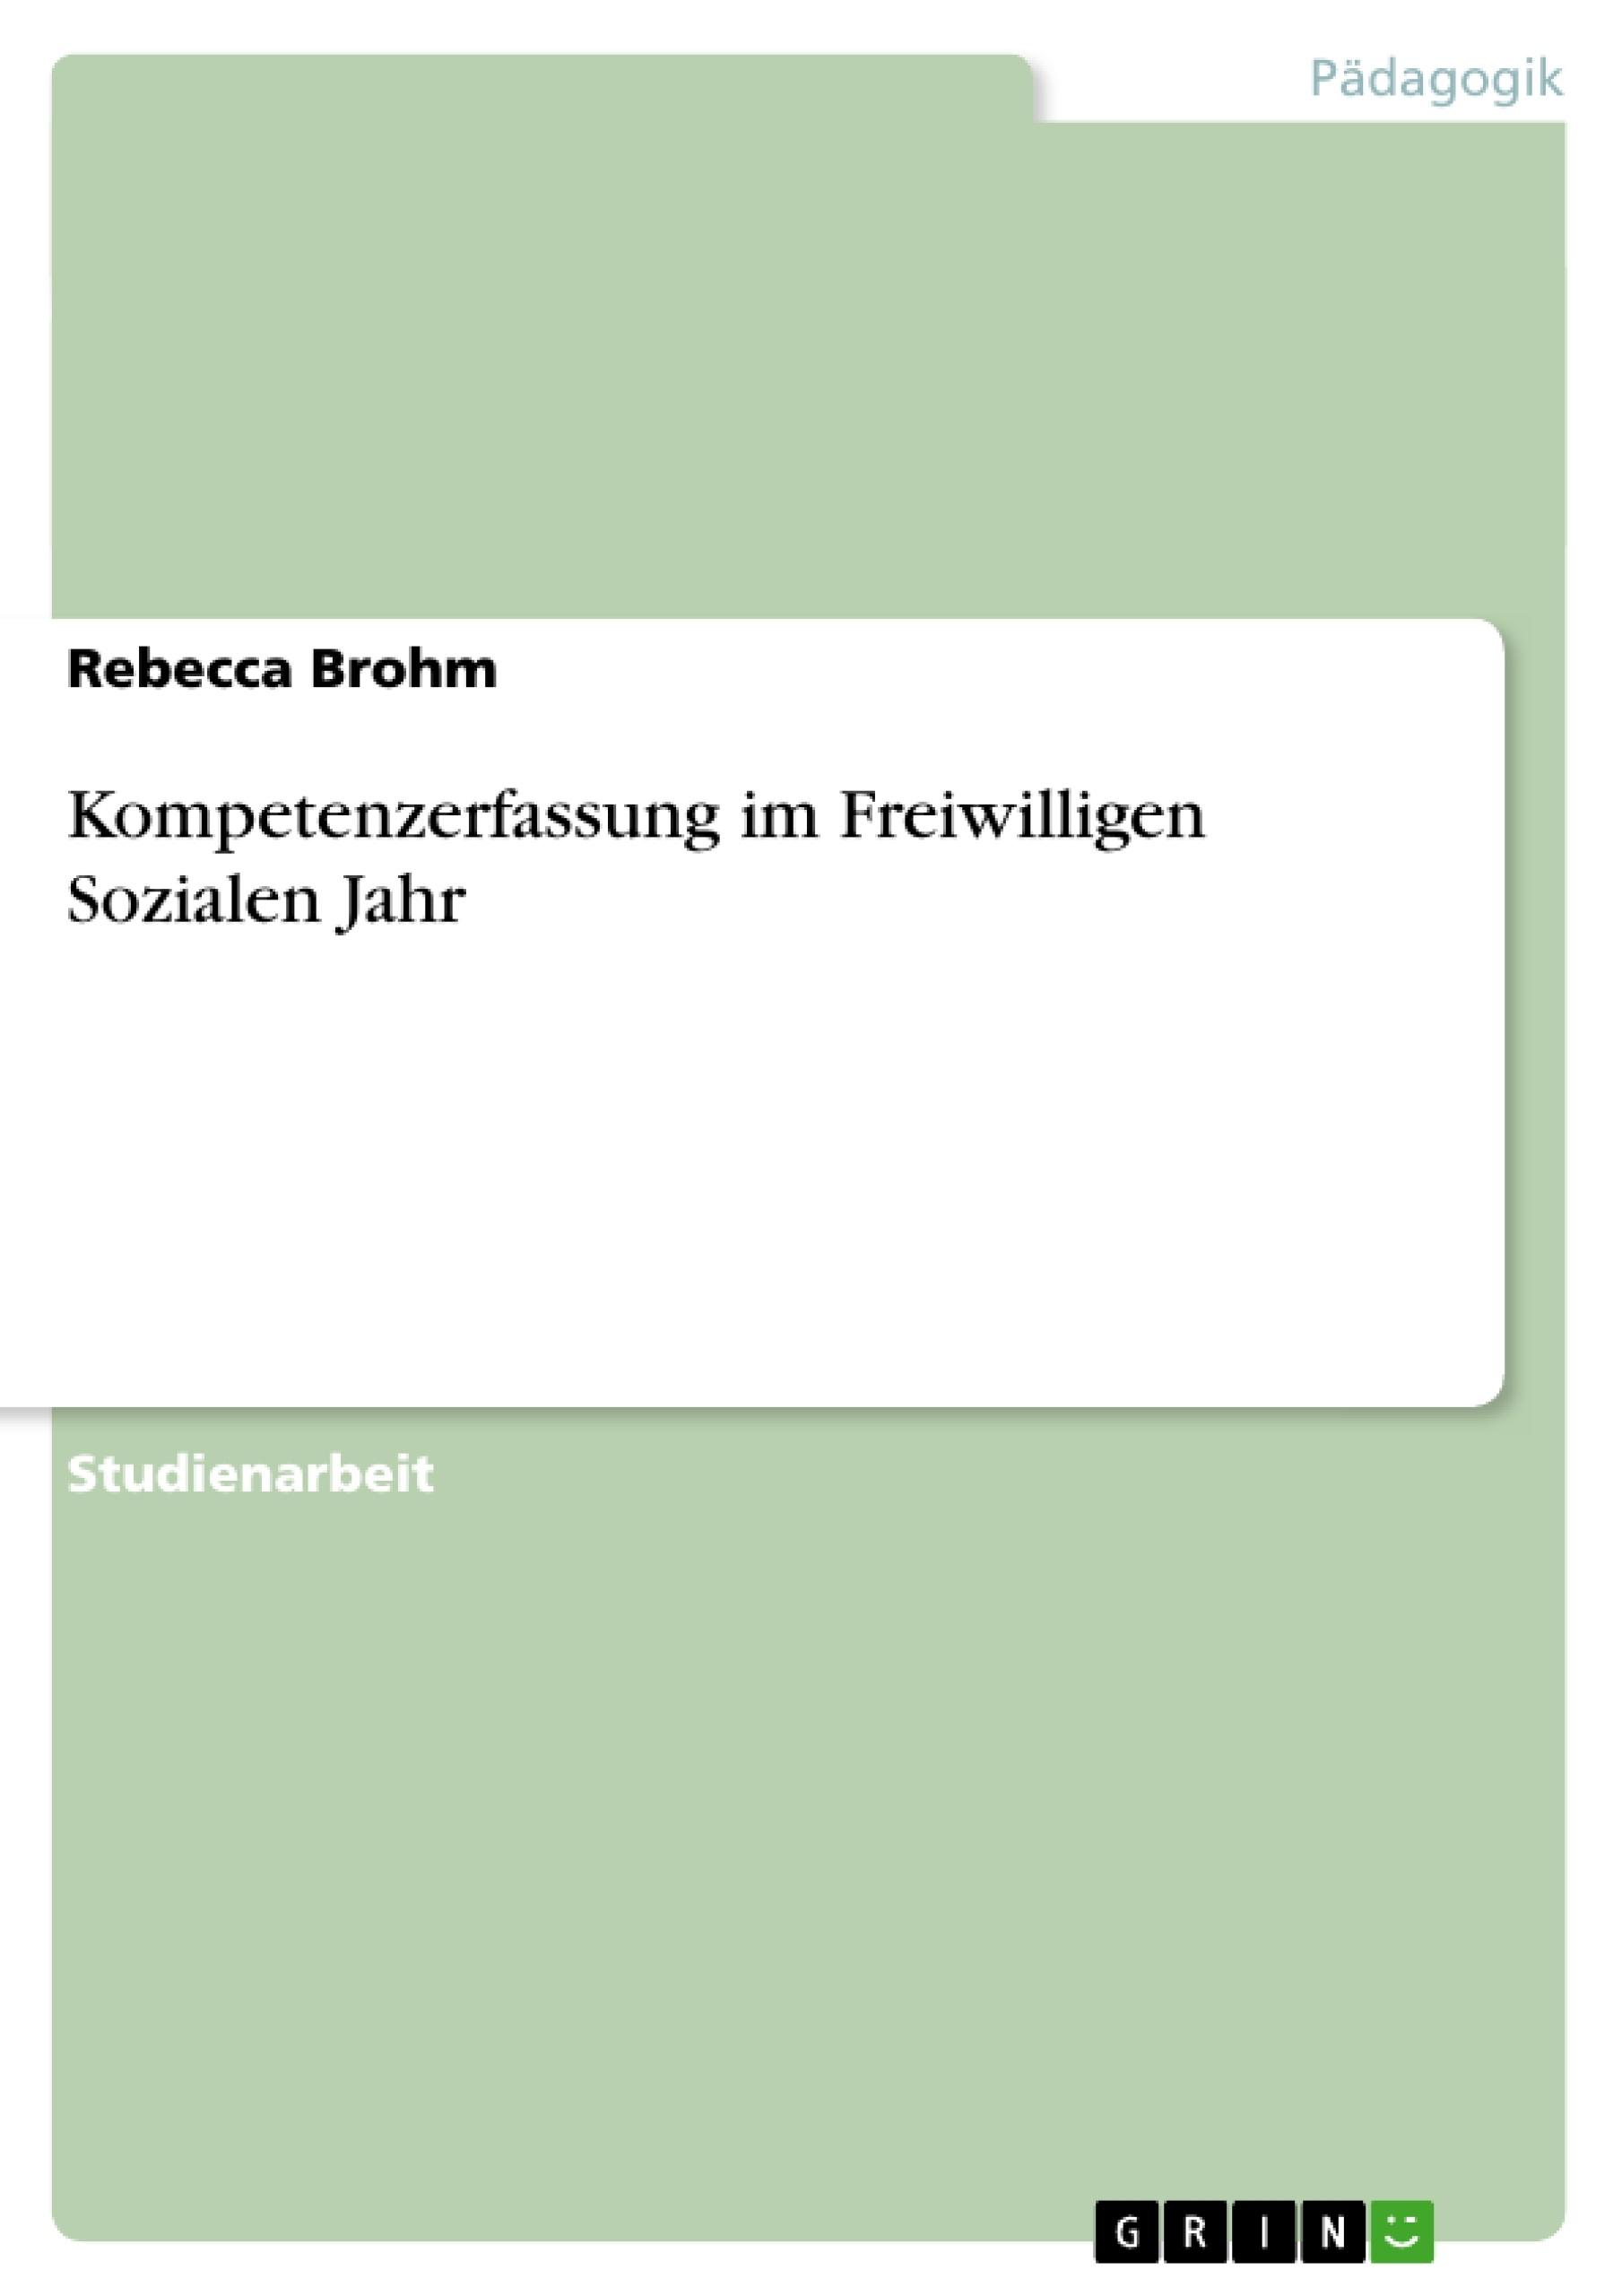 Titel: Kompetenzerfassung im Freiwilligen Sozialen Jahr